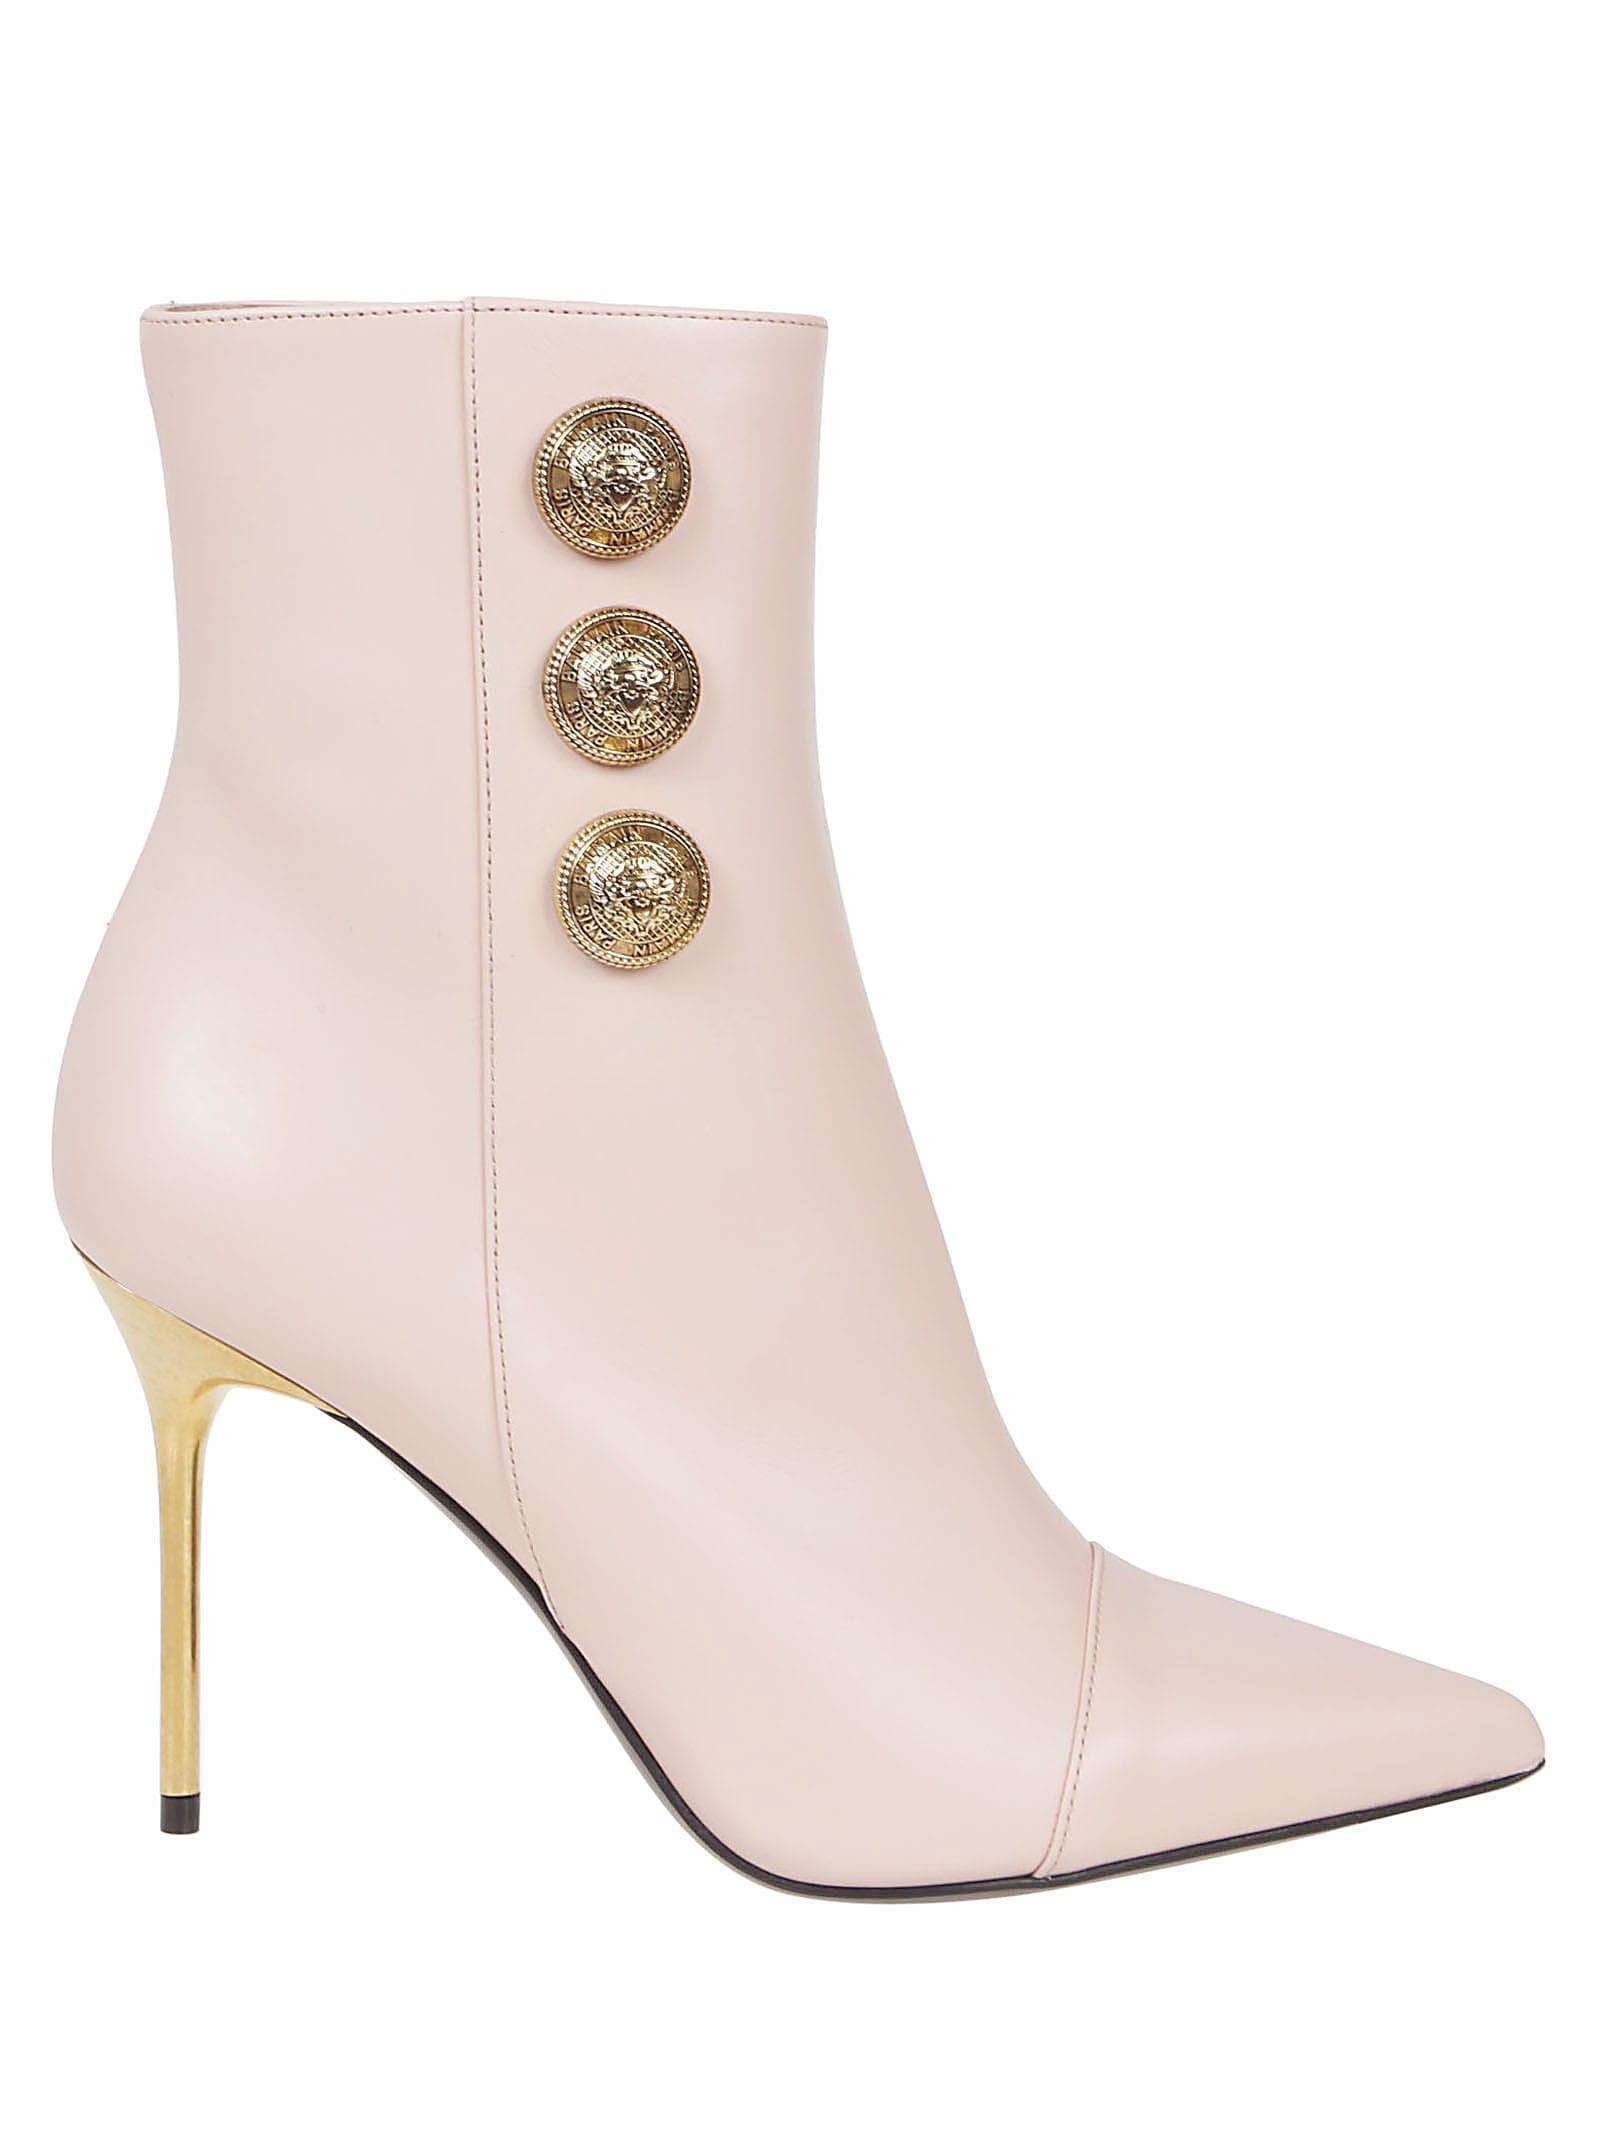 Buy Balmain Boot Roni-calfskin online, shop Balmain shoes with free shipping